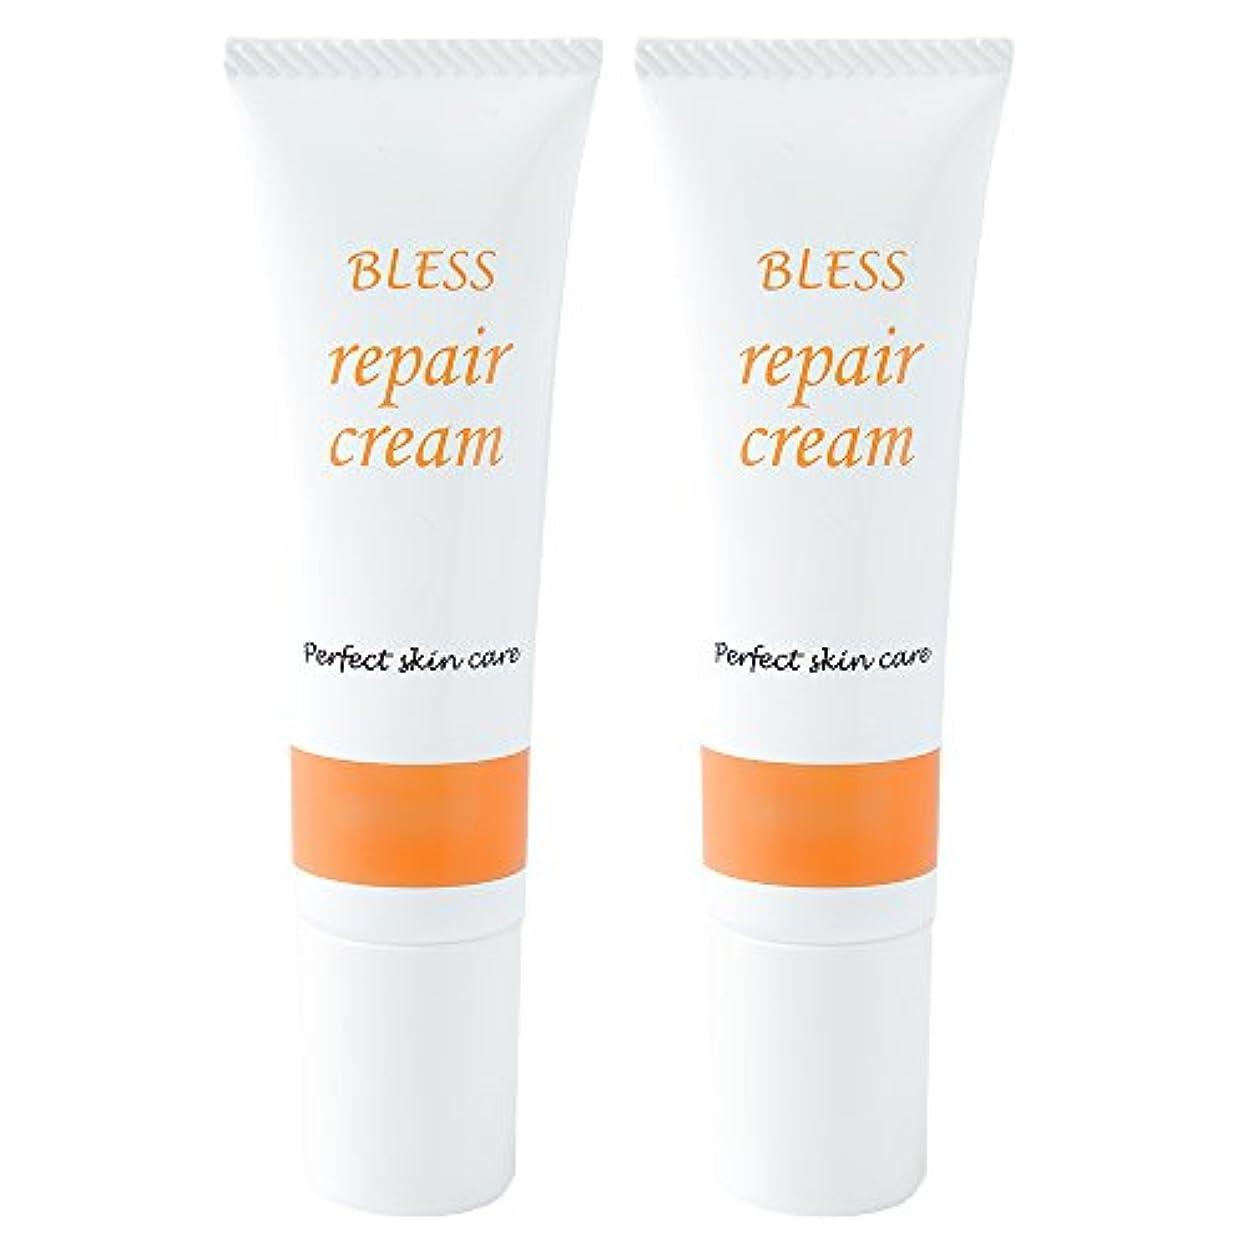 混合退屈な机【BLESS】 しわ 対策用 エイジング リペアクリーム 30g 2本 セット 無添加 抗シワ評価試験済み製品 日本製 美容液